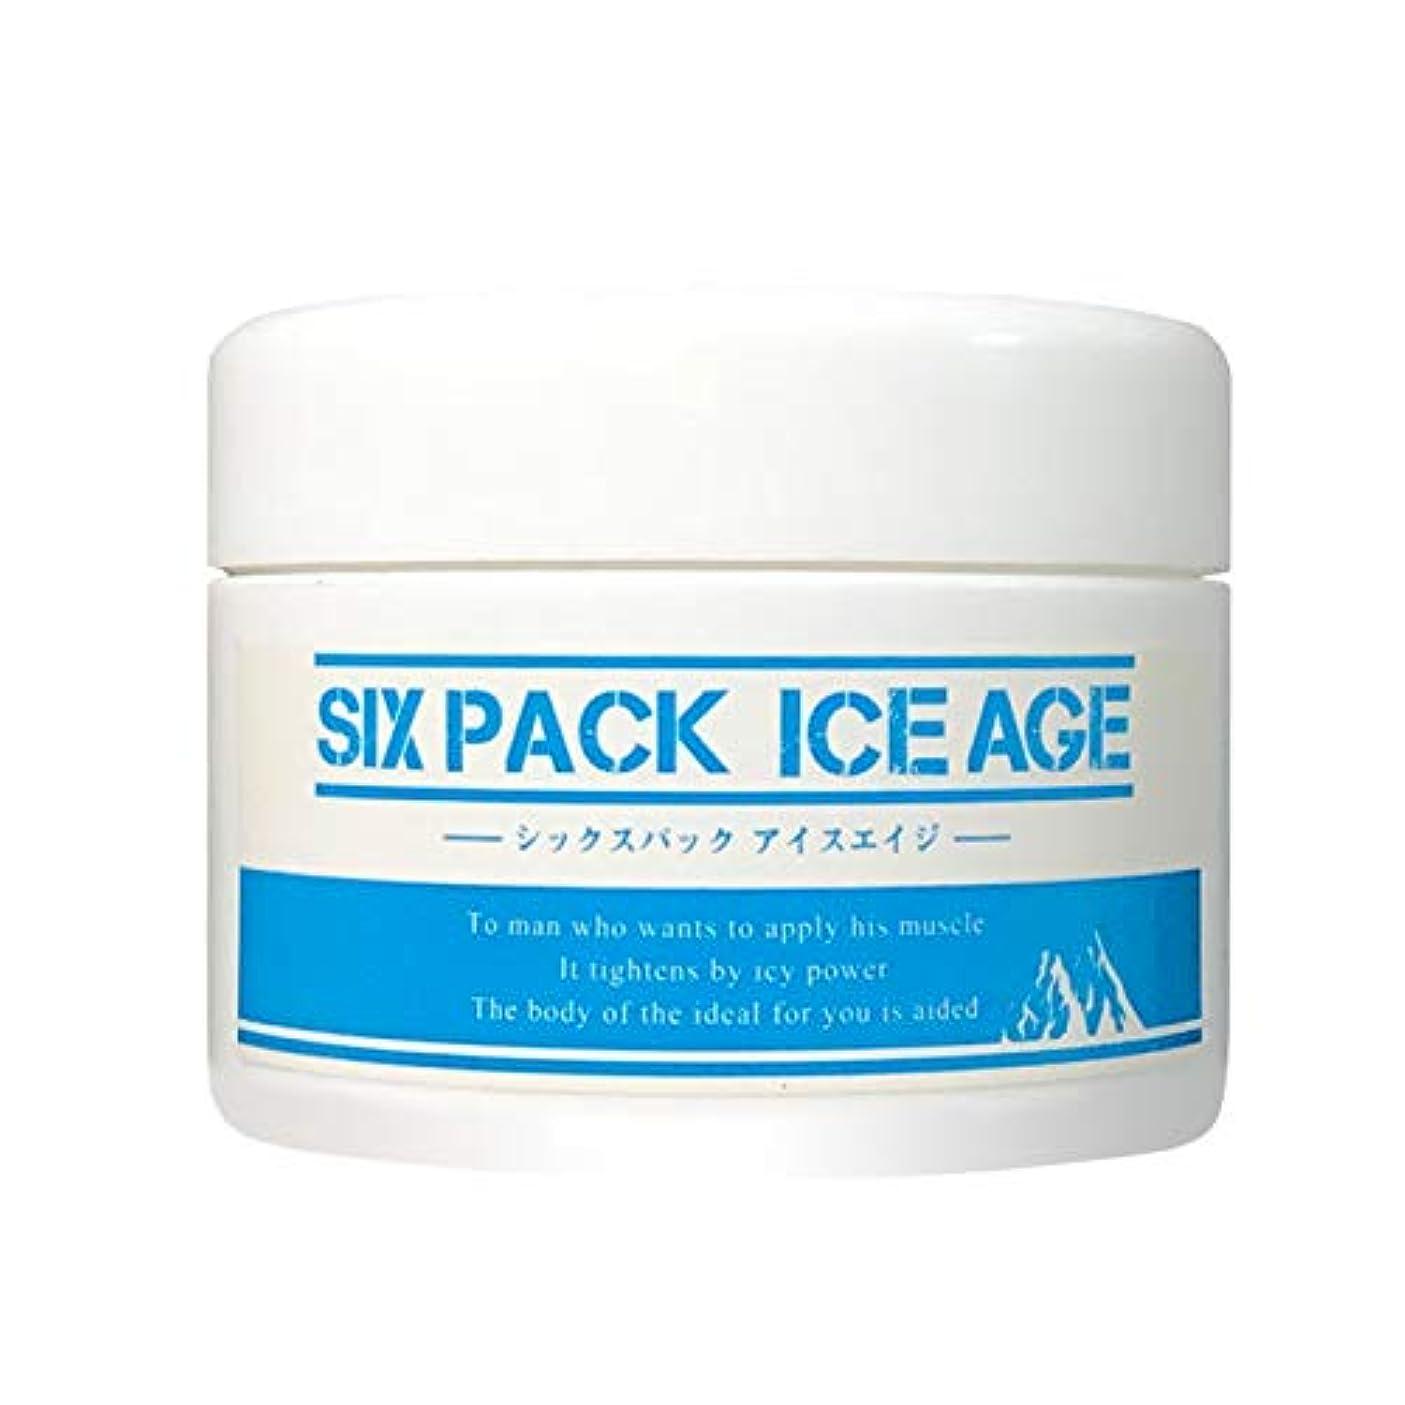 名誉組既にSIX PACK ICE AGE (シックスパックアイスエイジ) 冷却 マッサージクリーム (日本製) クール素材 シックスパックアイスエイジ (内容量200g)